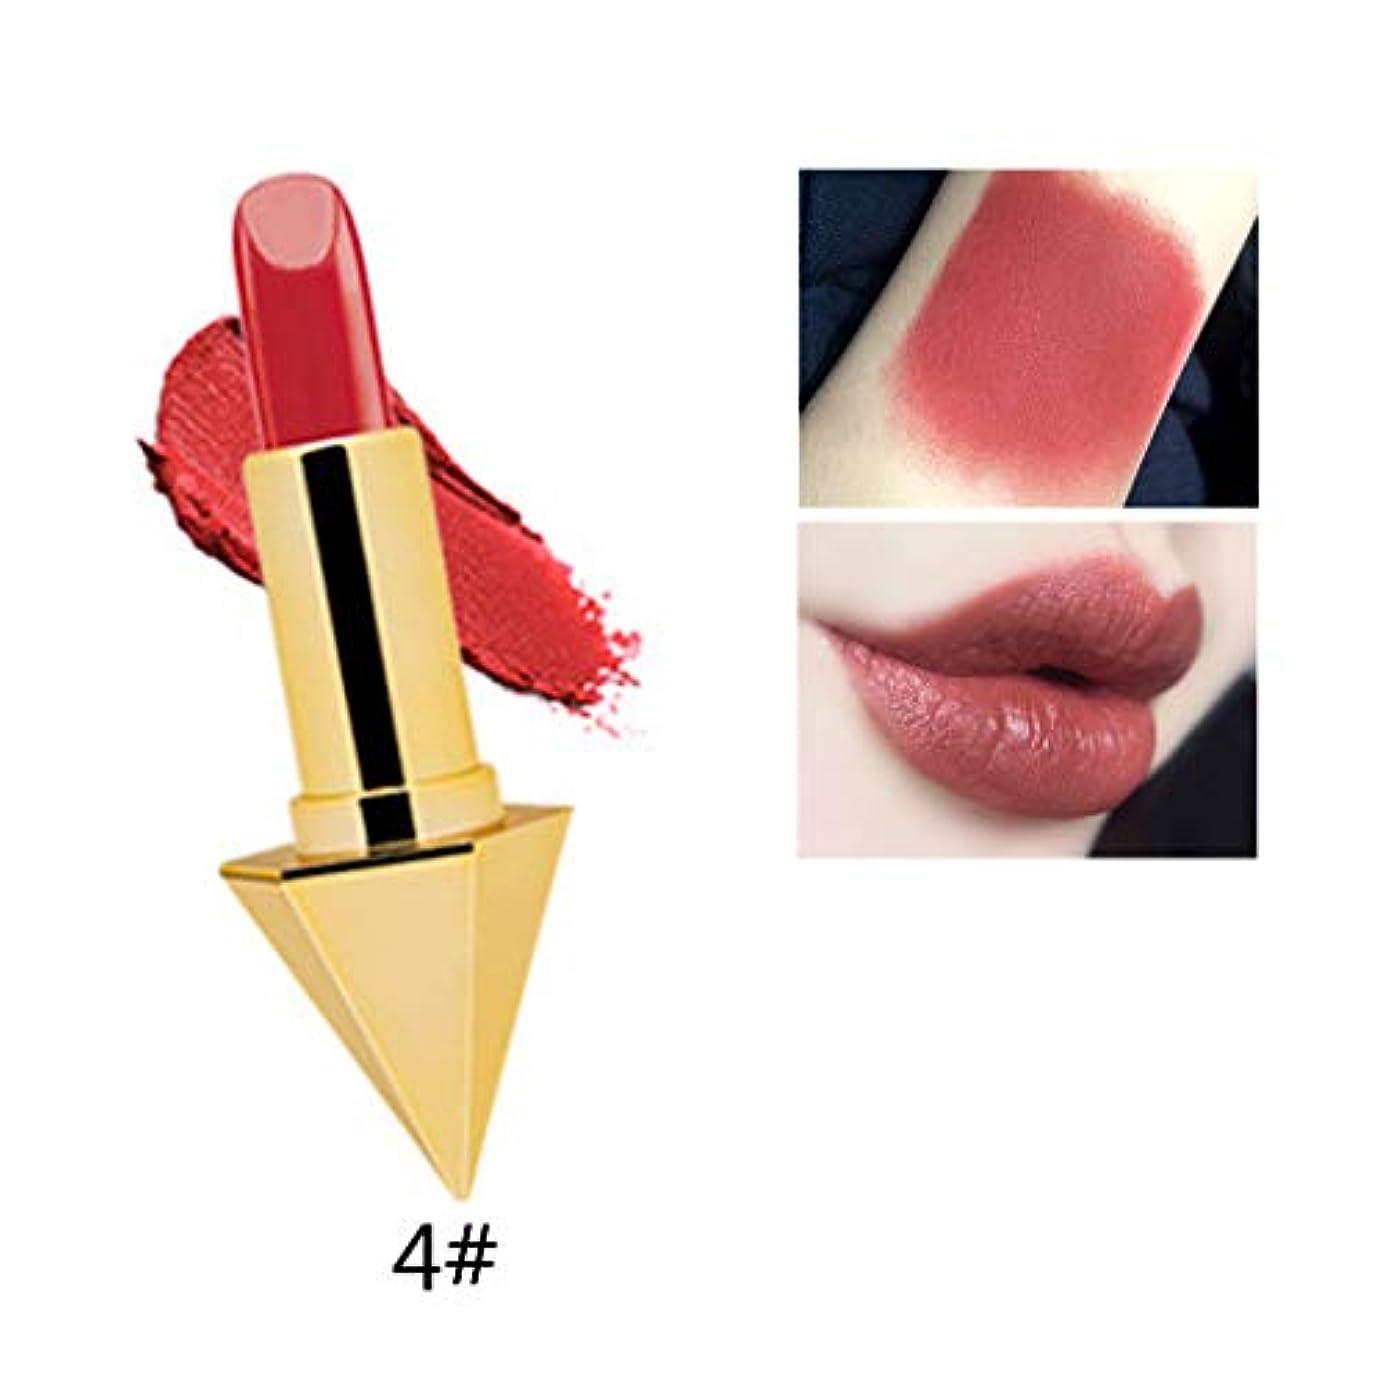 玉ねぎ強度ヨーグルトKimyuo 女性 マットリップスティック 防水 長持ちする リップグロス 化粧品 美容メイク